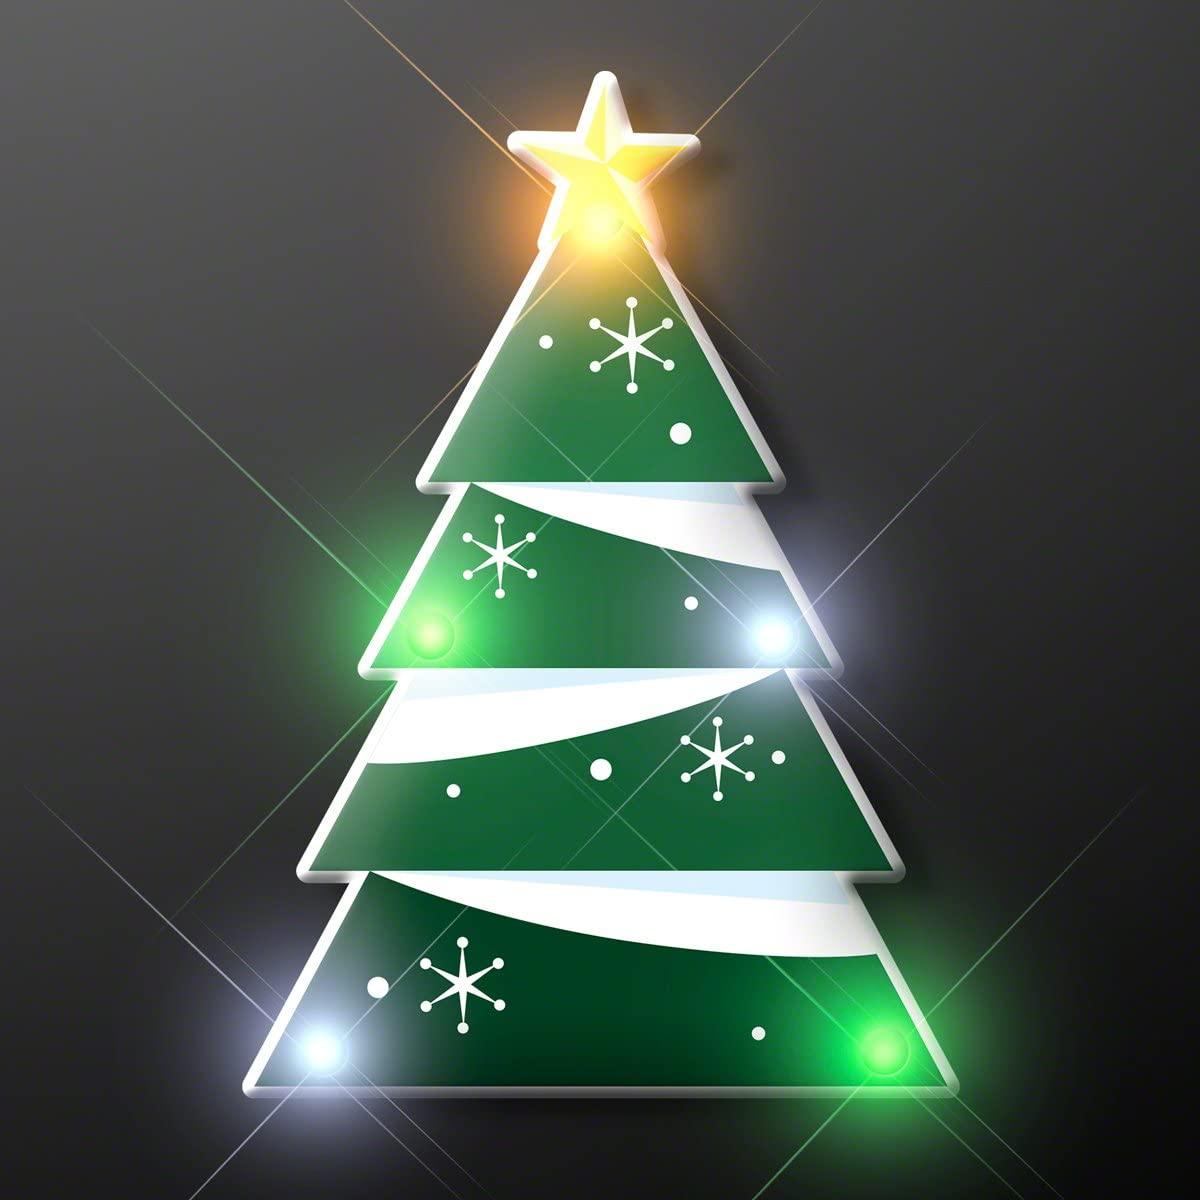 Blinky LED Christmas Tree Flashing LED Light Up Body Light Pins (Set of 5)